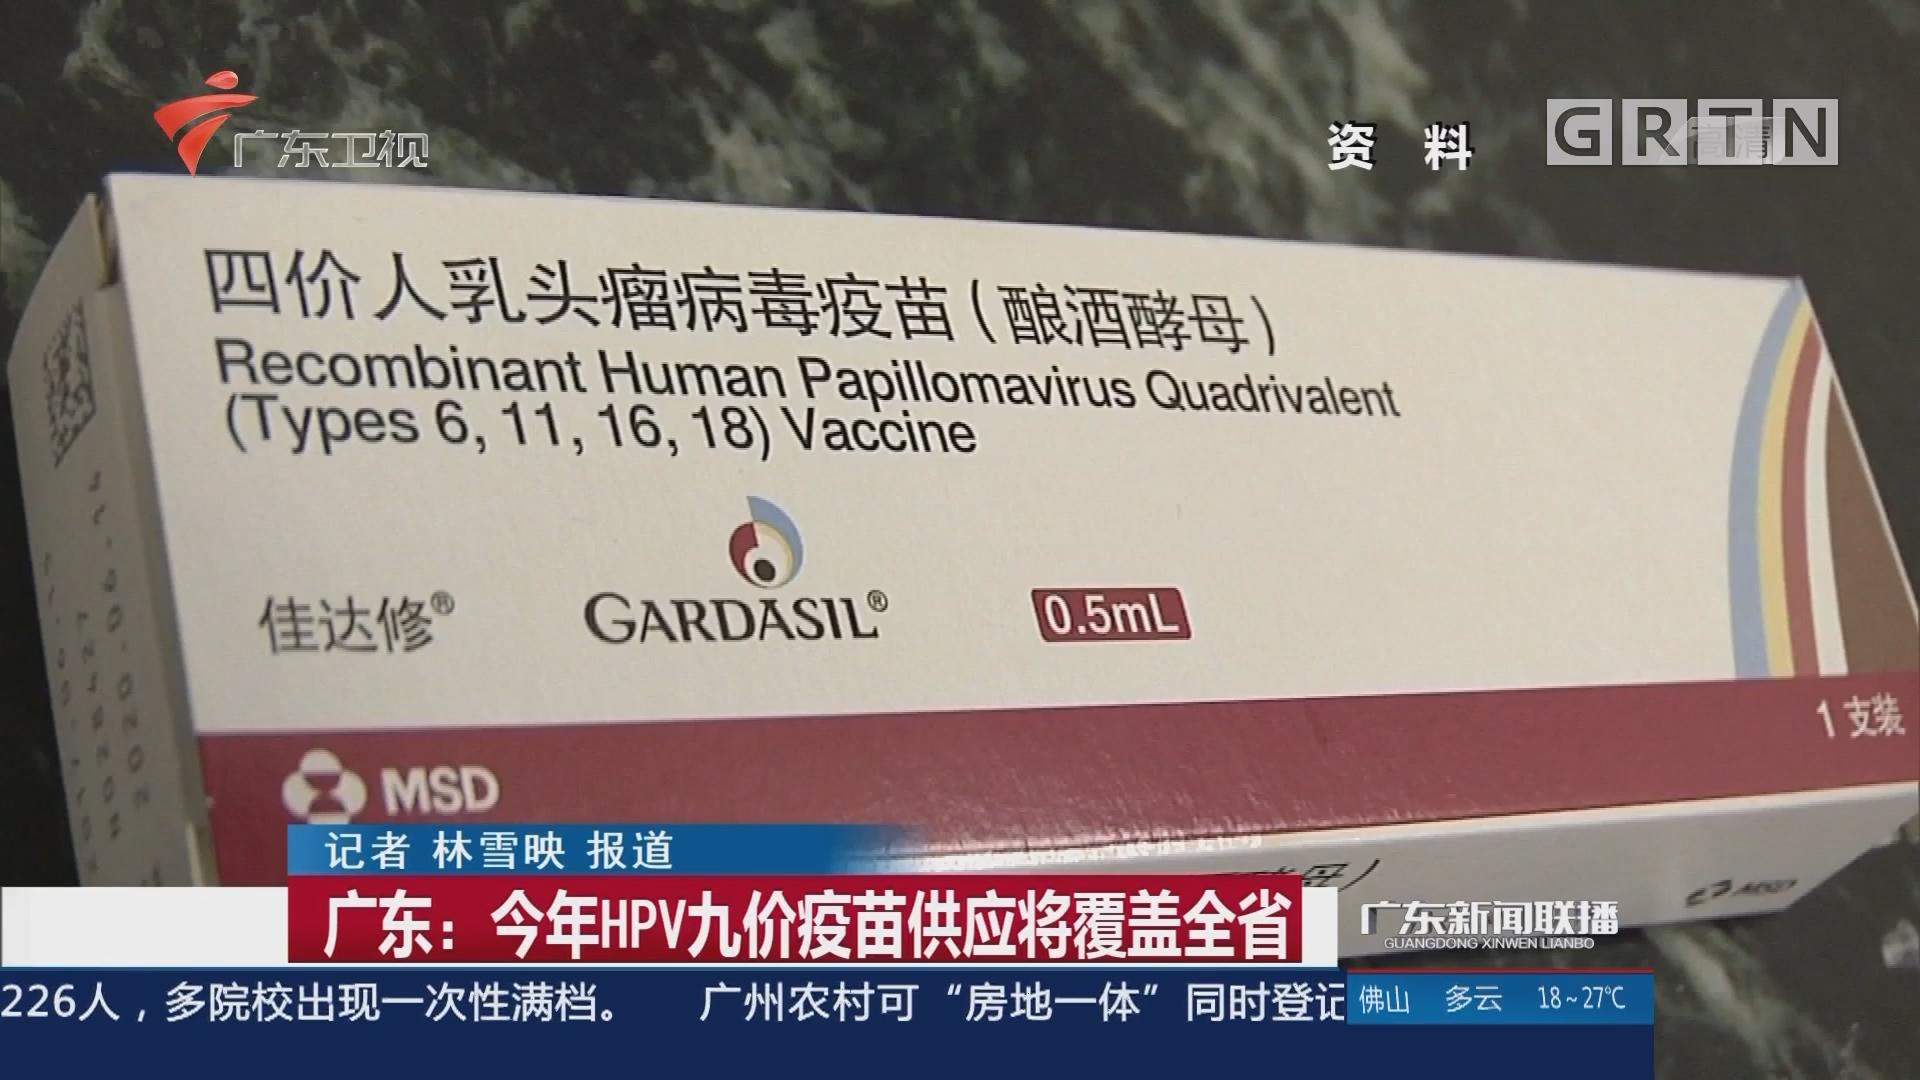 广东:今年HPV九价疫苗供应将覆盖全省